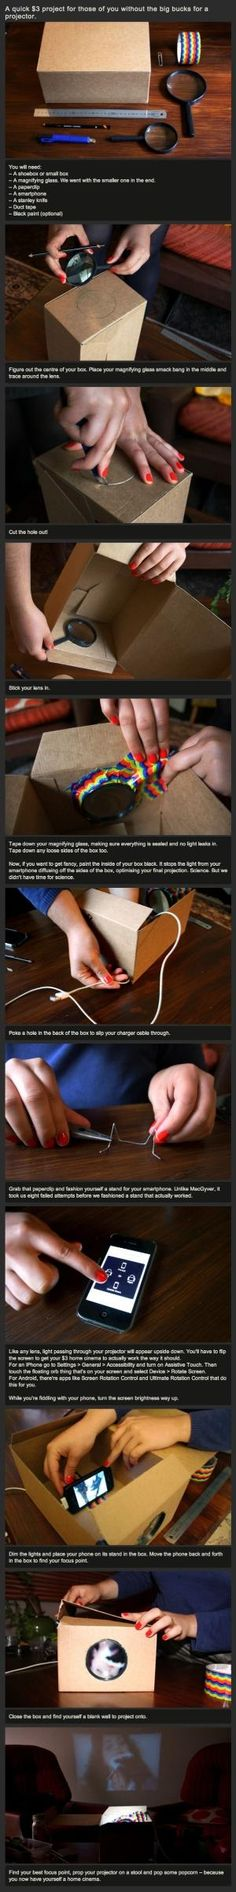 DIY $3 smartphone projector